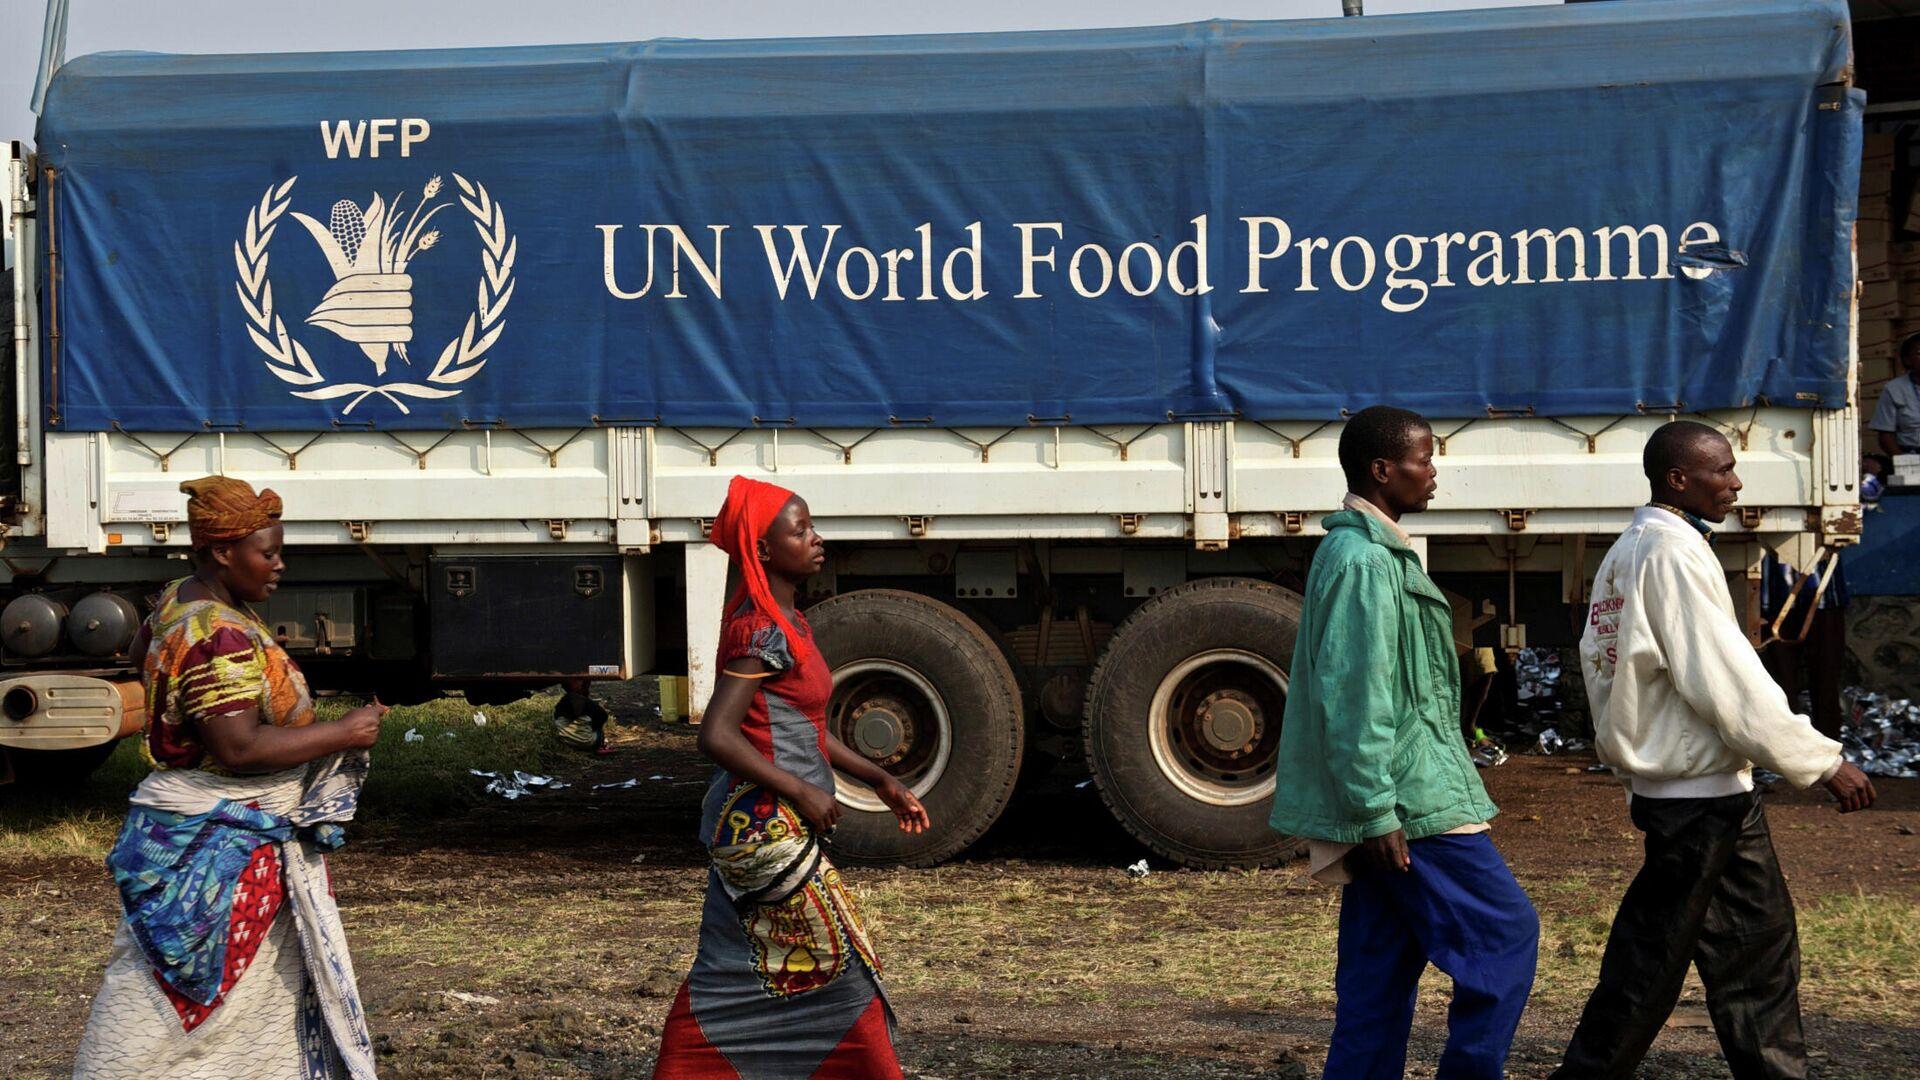 Логотип продовольственной программы ООН на грузовике в Конго - РИА Новости, 1920, 09.10.2020